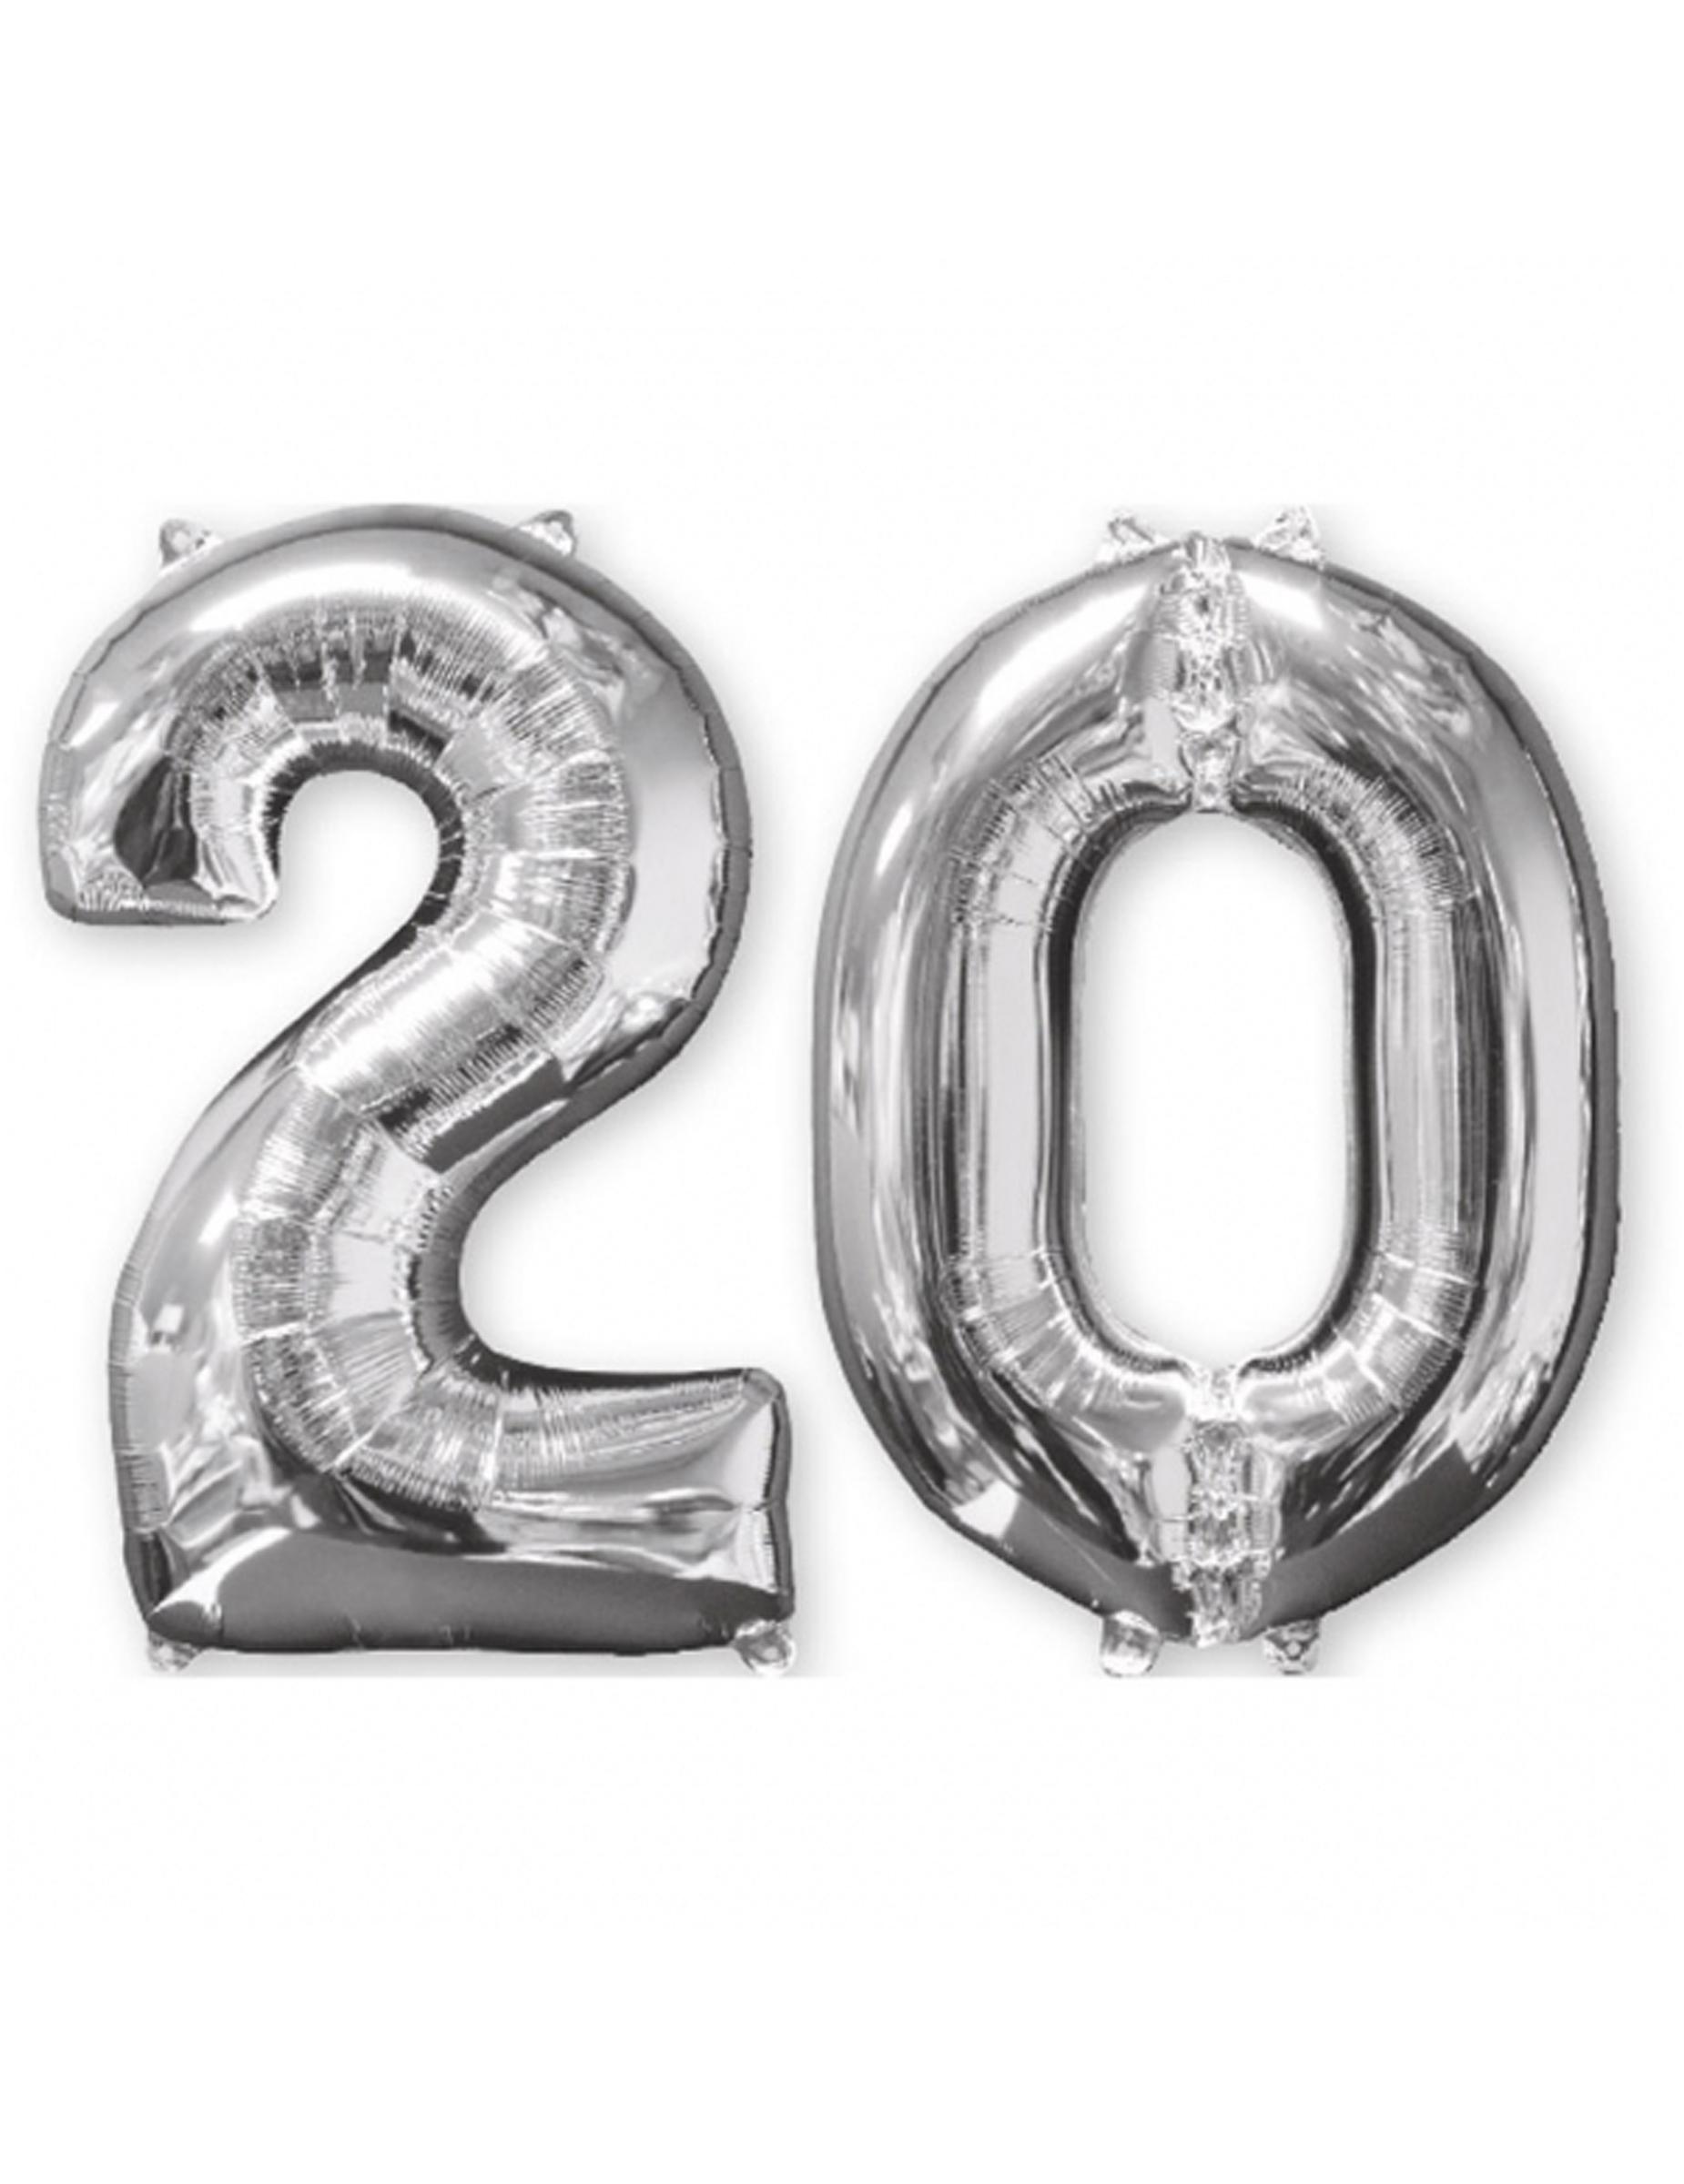 20 års ballonger 2 ballonger som utgör siffran 20   66 cm, köp Dekorationer på  20 års ballonger